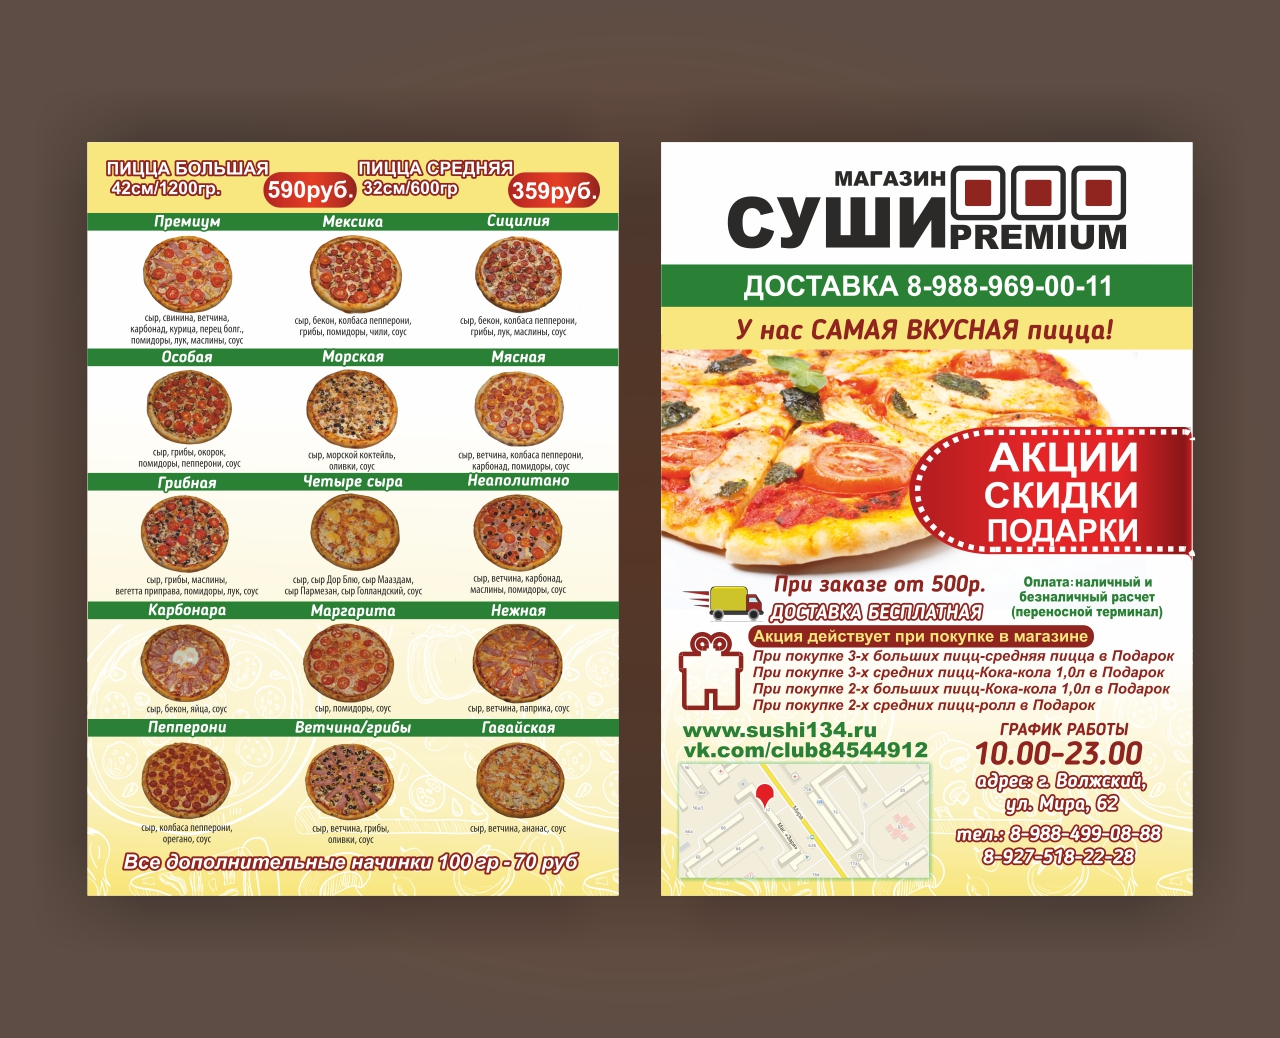 круглосуточная доставка пицы в костроме бренды предлагают